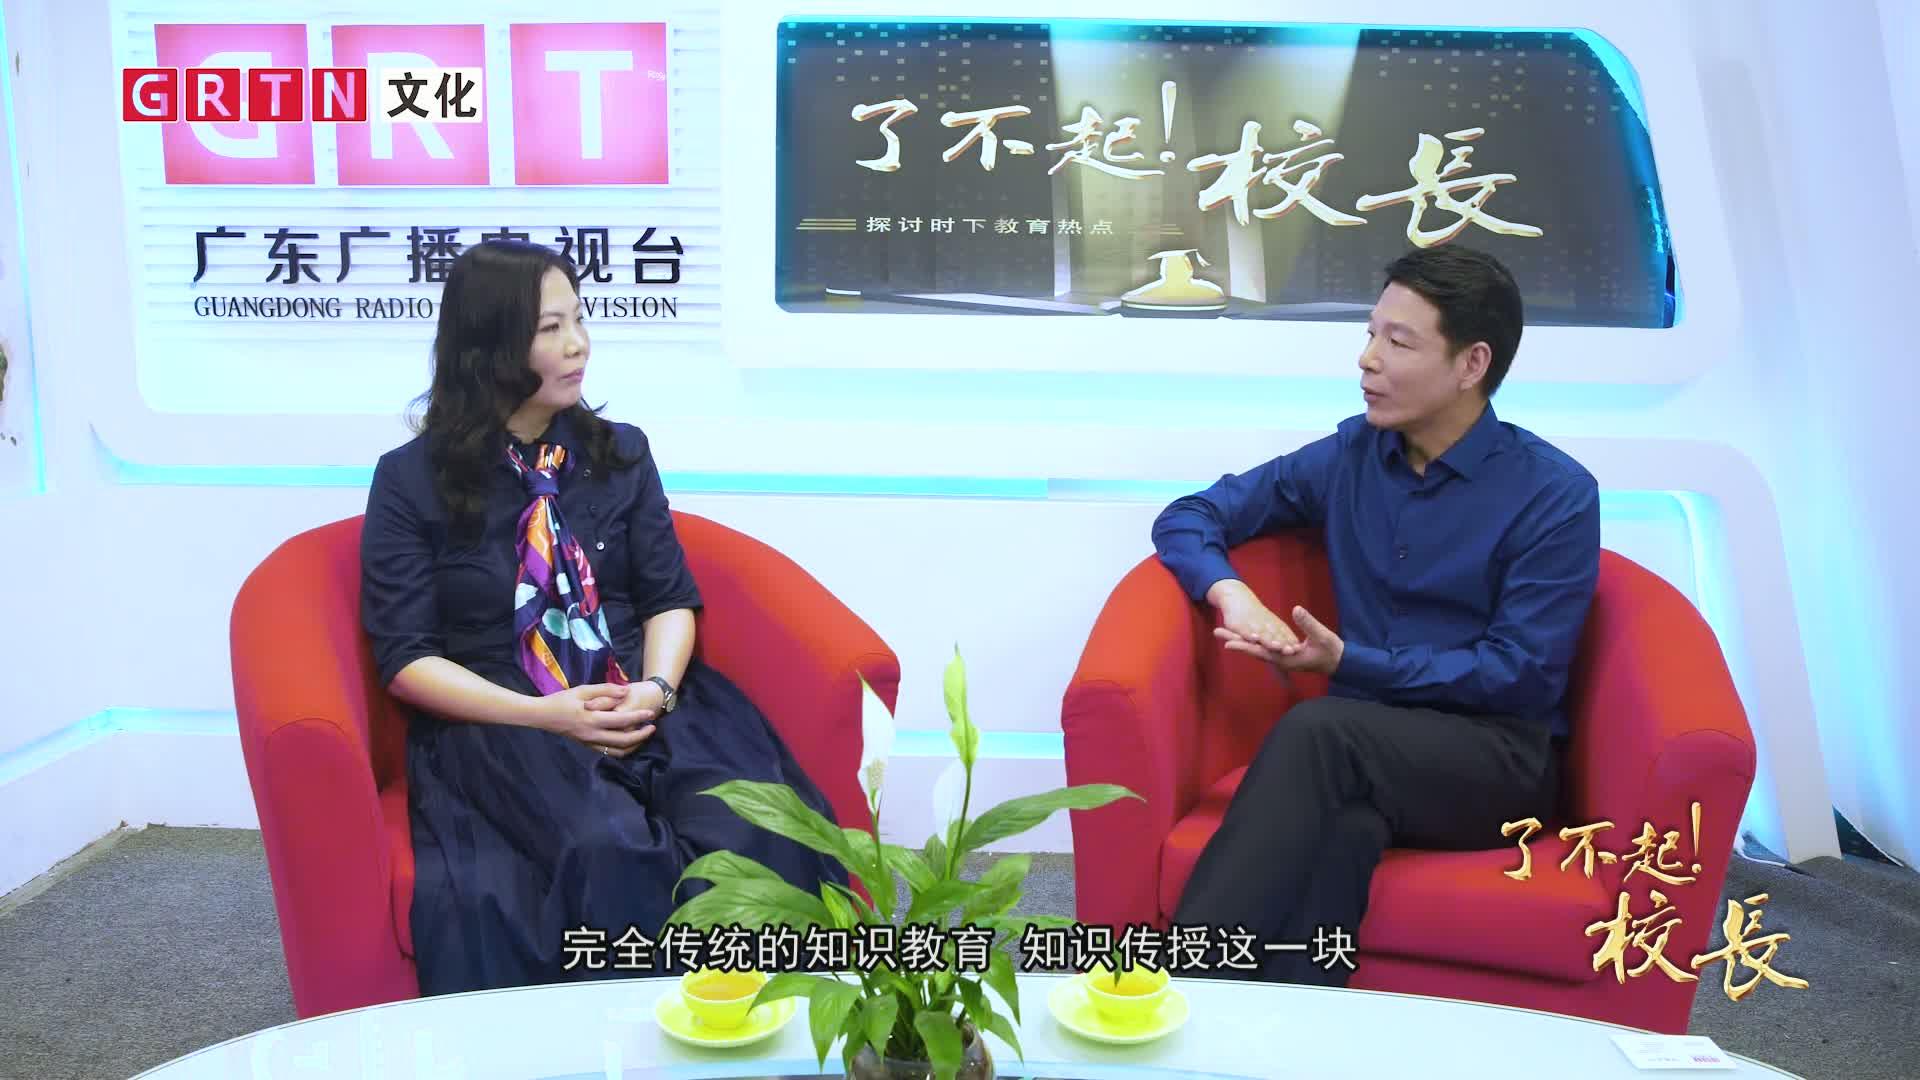 4、《了不起!校长》之昌岗东路小学